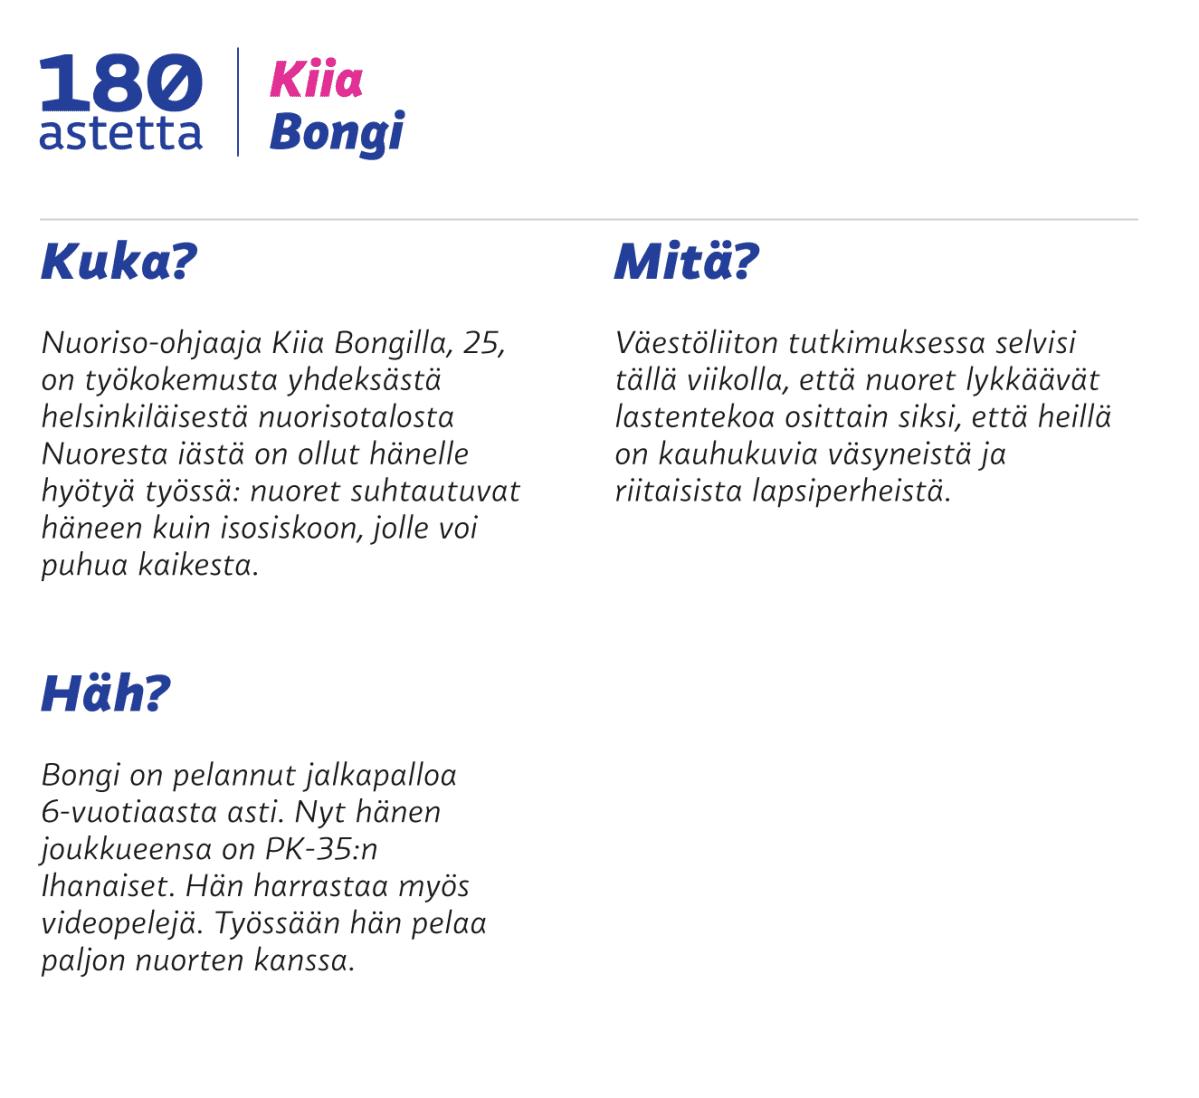 180 astetta: Kiia Bongi